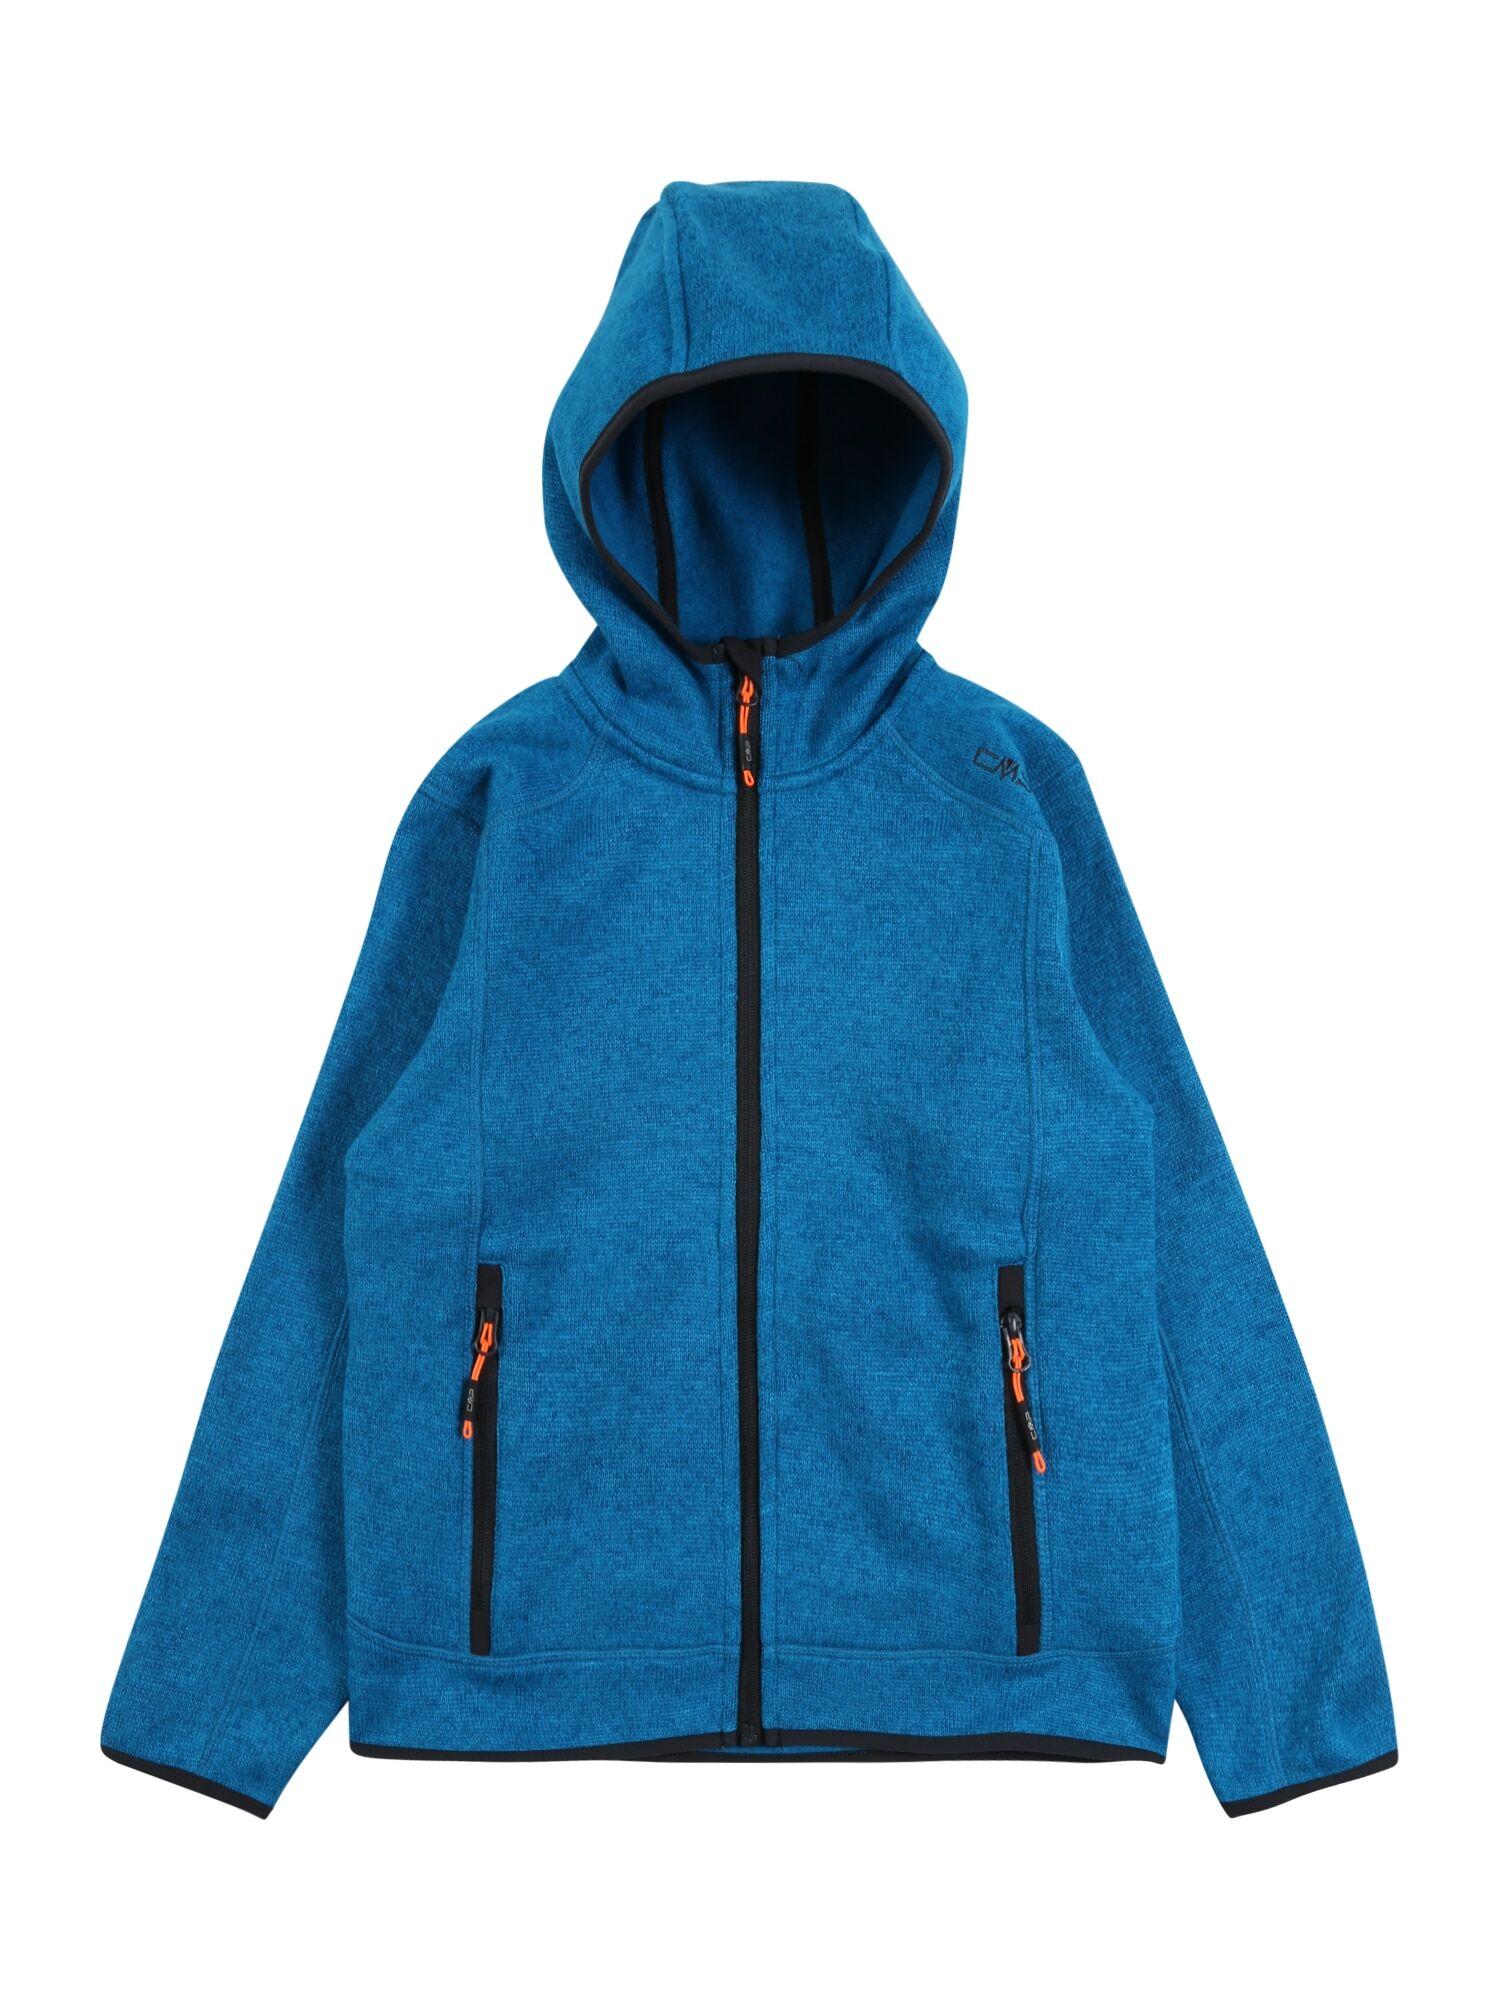 CMP Veste en polaire fonctionnelle  - Bleu - Taille: 98 - boy